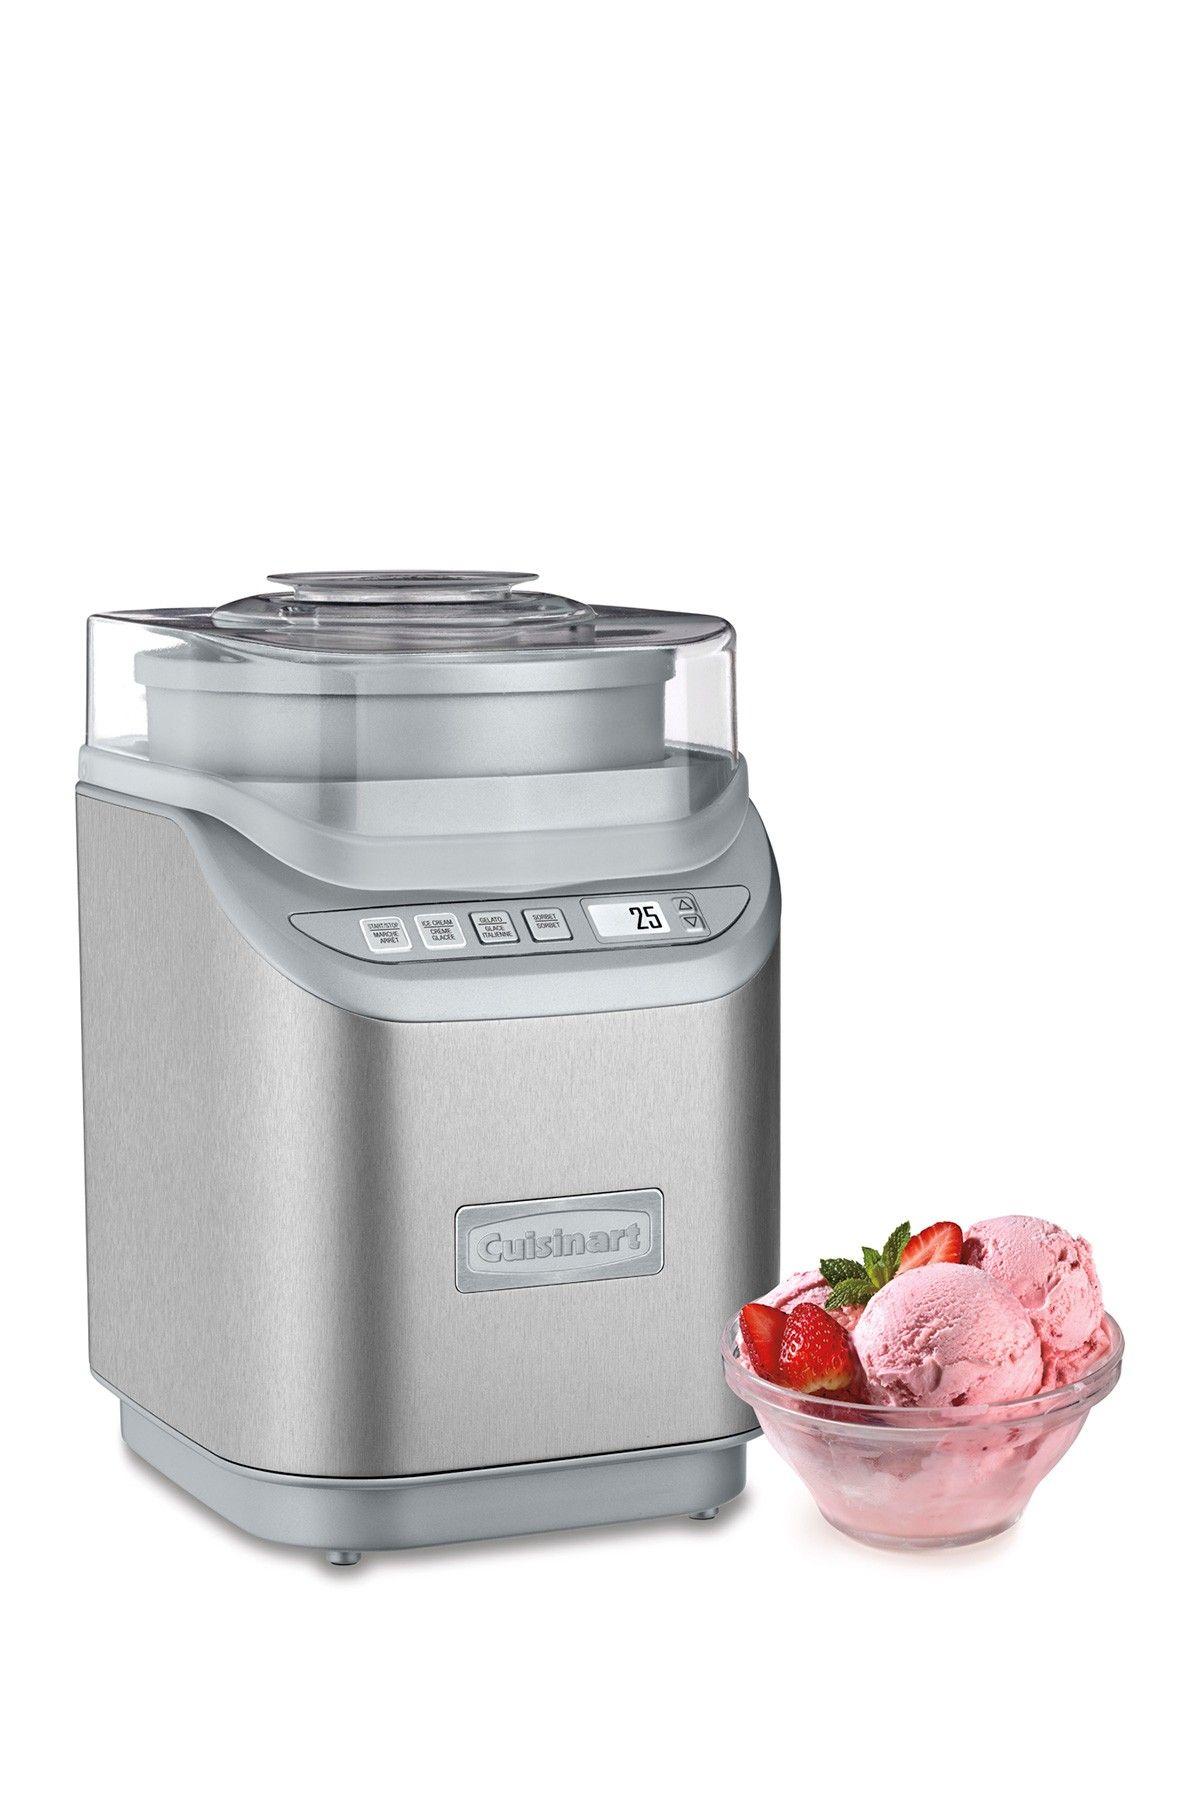 Cuisinart 2 Quart Electric Ice Cream Gelato Sorbet Maker Cuisinart Ice Cream Maker Sorbet Maker Best Ice Cream Maker